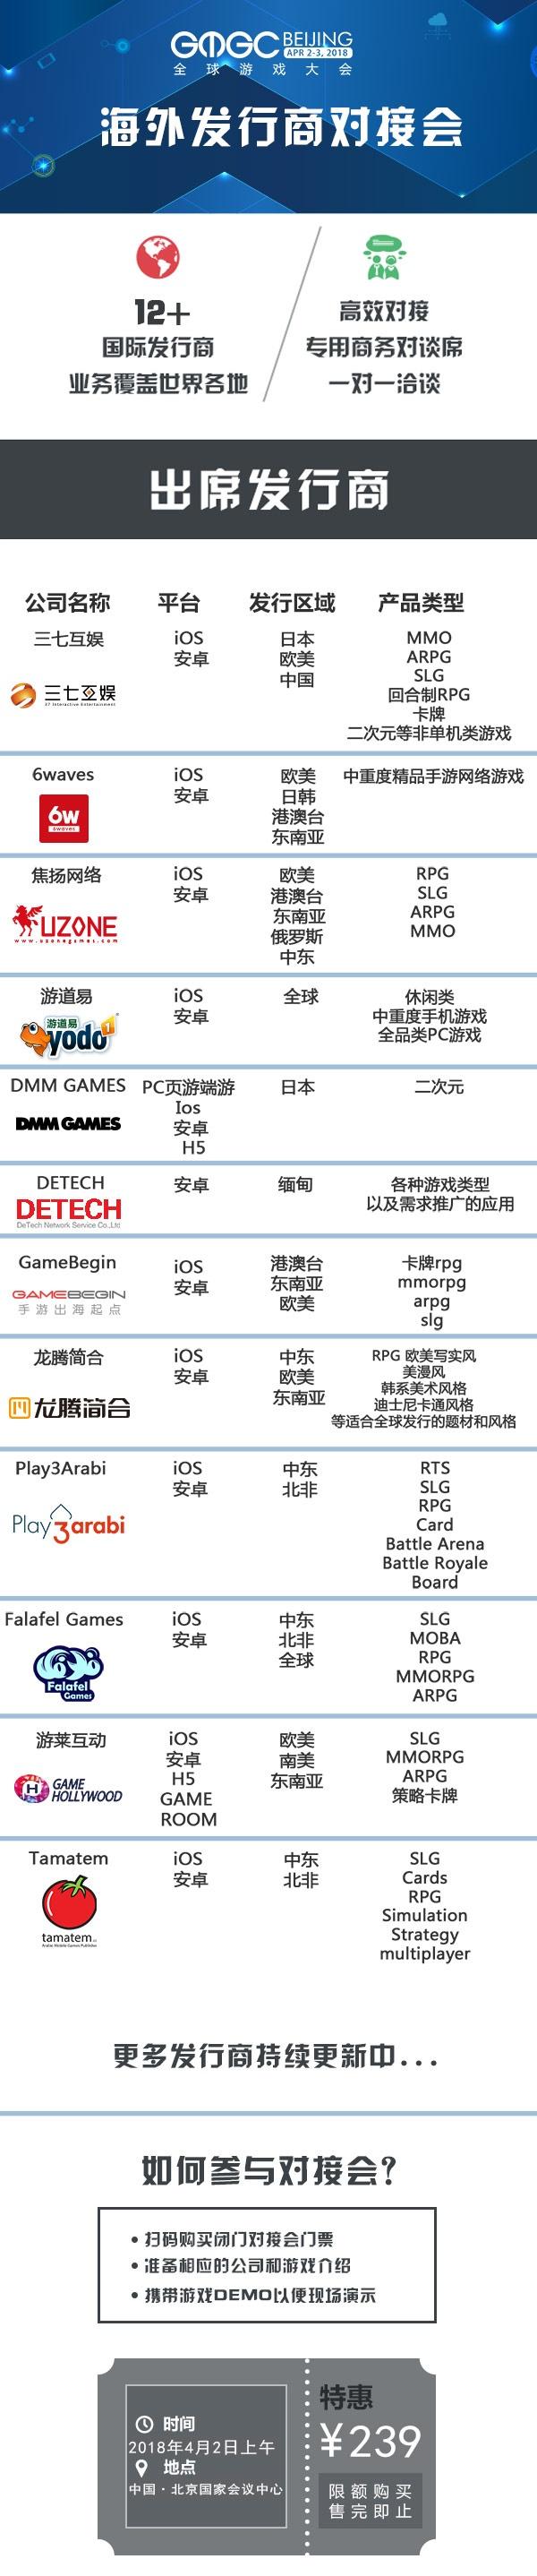 国际游戏发行商闭门对接会|首批发行商名单及产品需求公布!